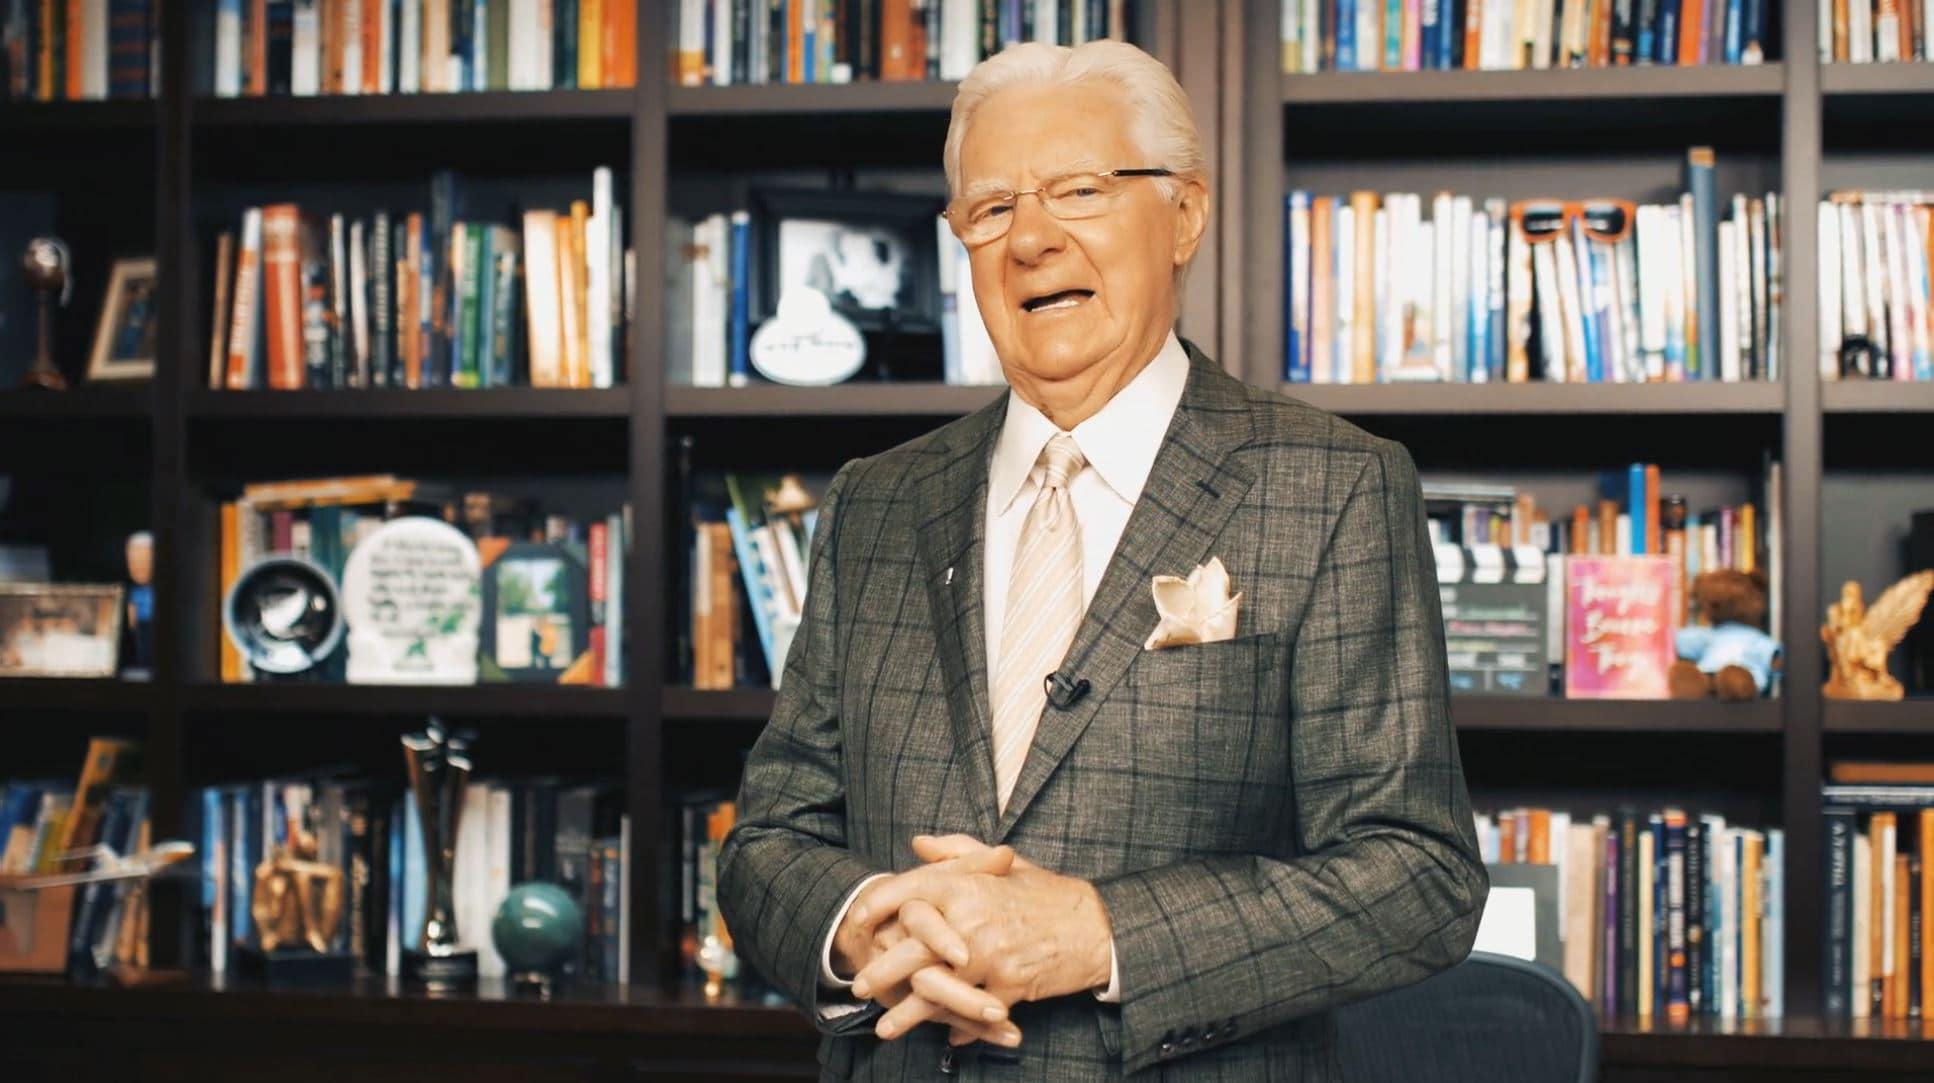 باب پراکتور، یکی از اساتید مجموعه ۱۰ قانون موفقیت